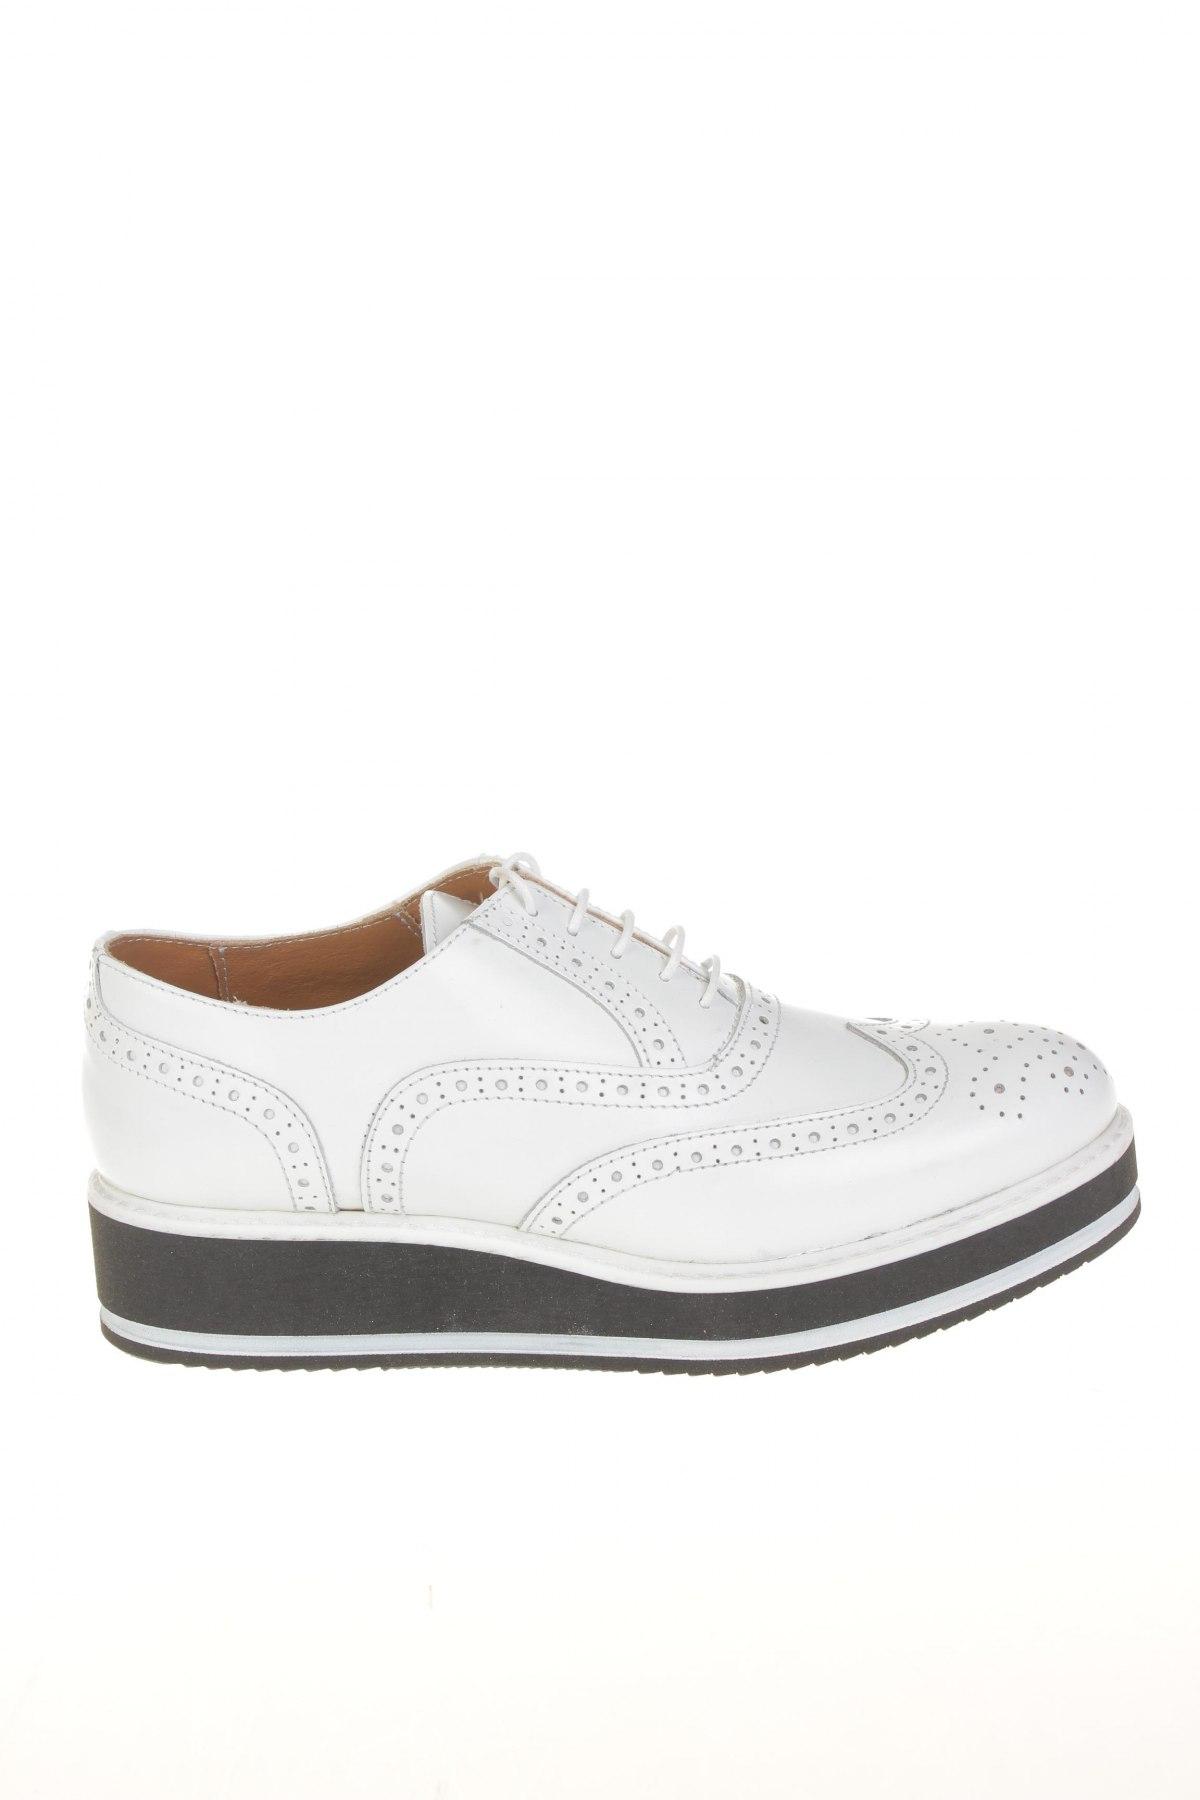 Γυναικεία παπούτσια British Passport - σε συμφέρουσα τιμή στο Remix ... 9a8ac05484a